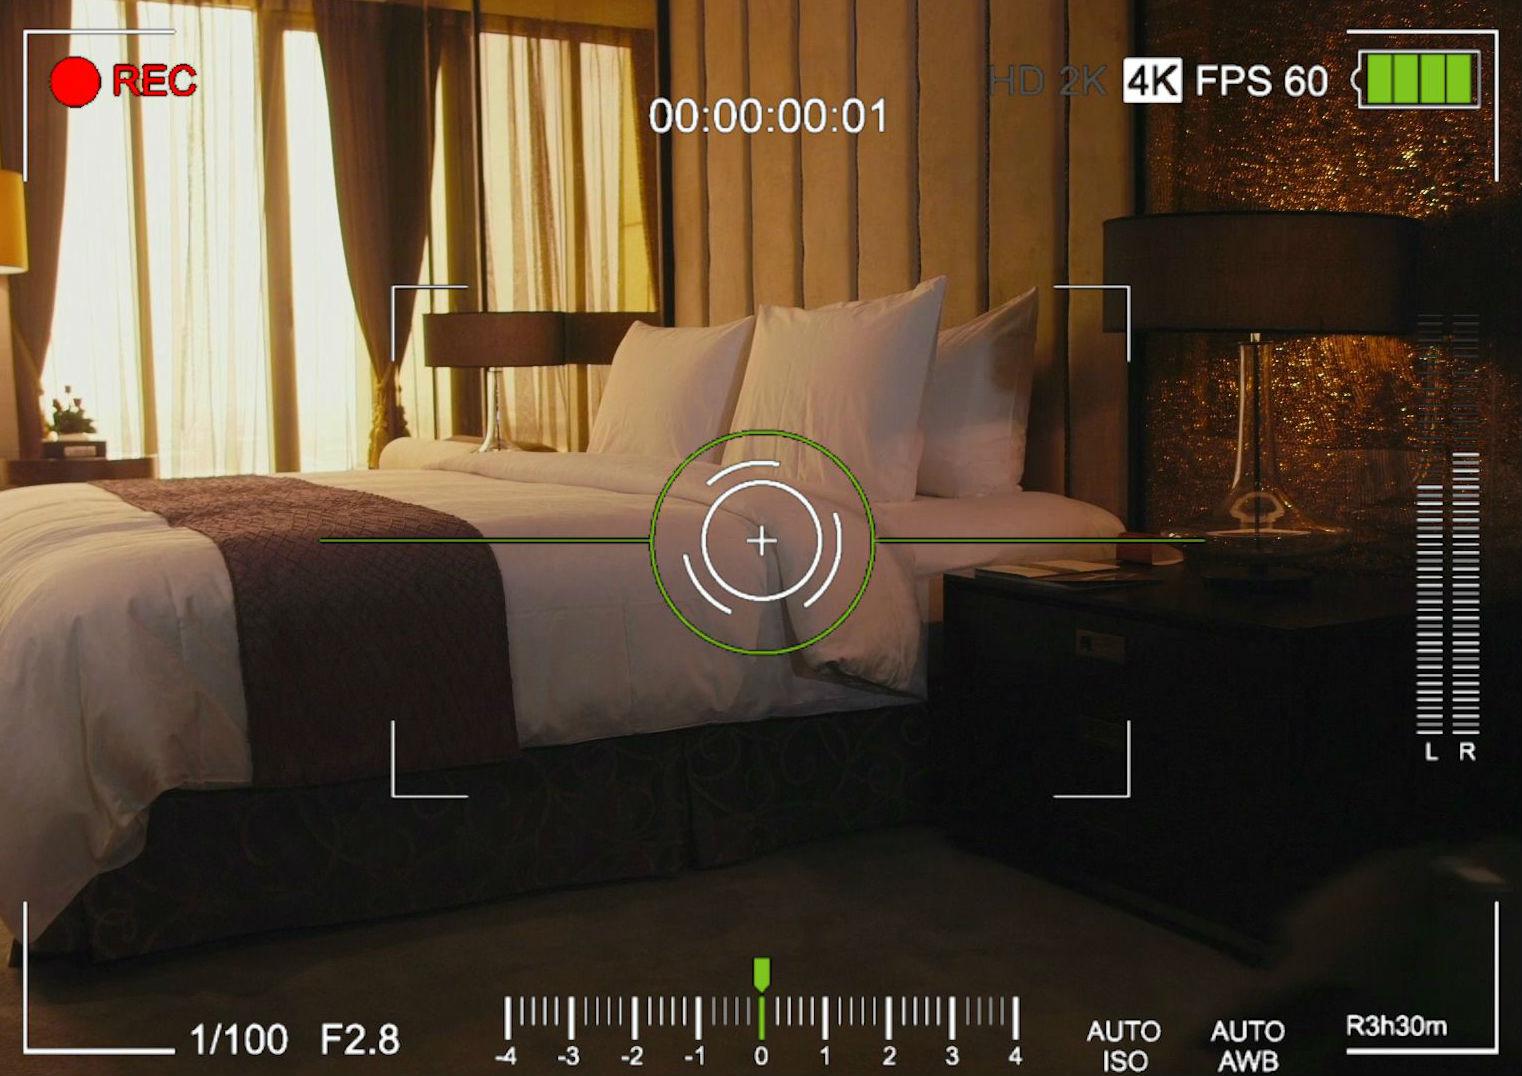 ¿Gran Hermano está mirando? Cómo encontrar cámaras ocultas en tu hotel